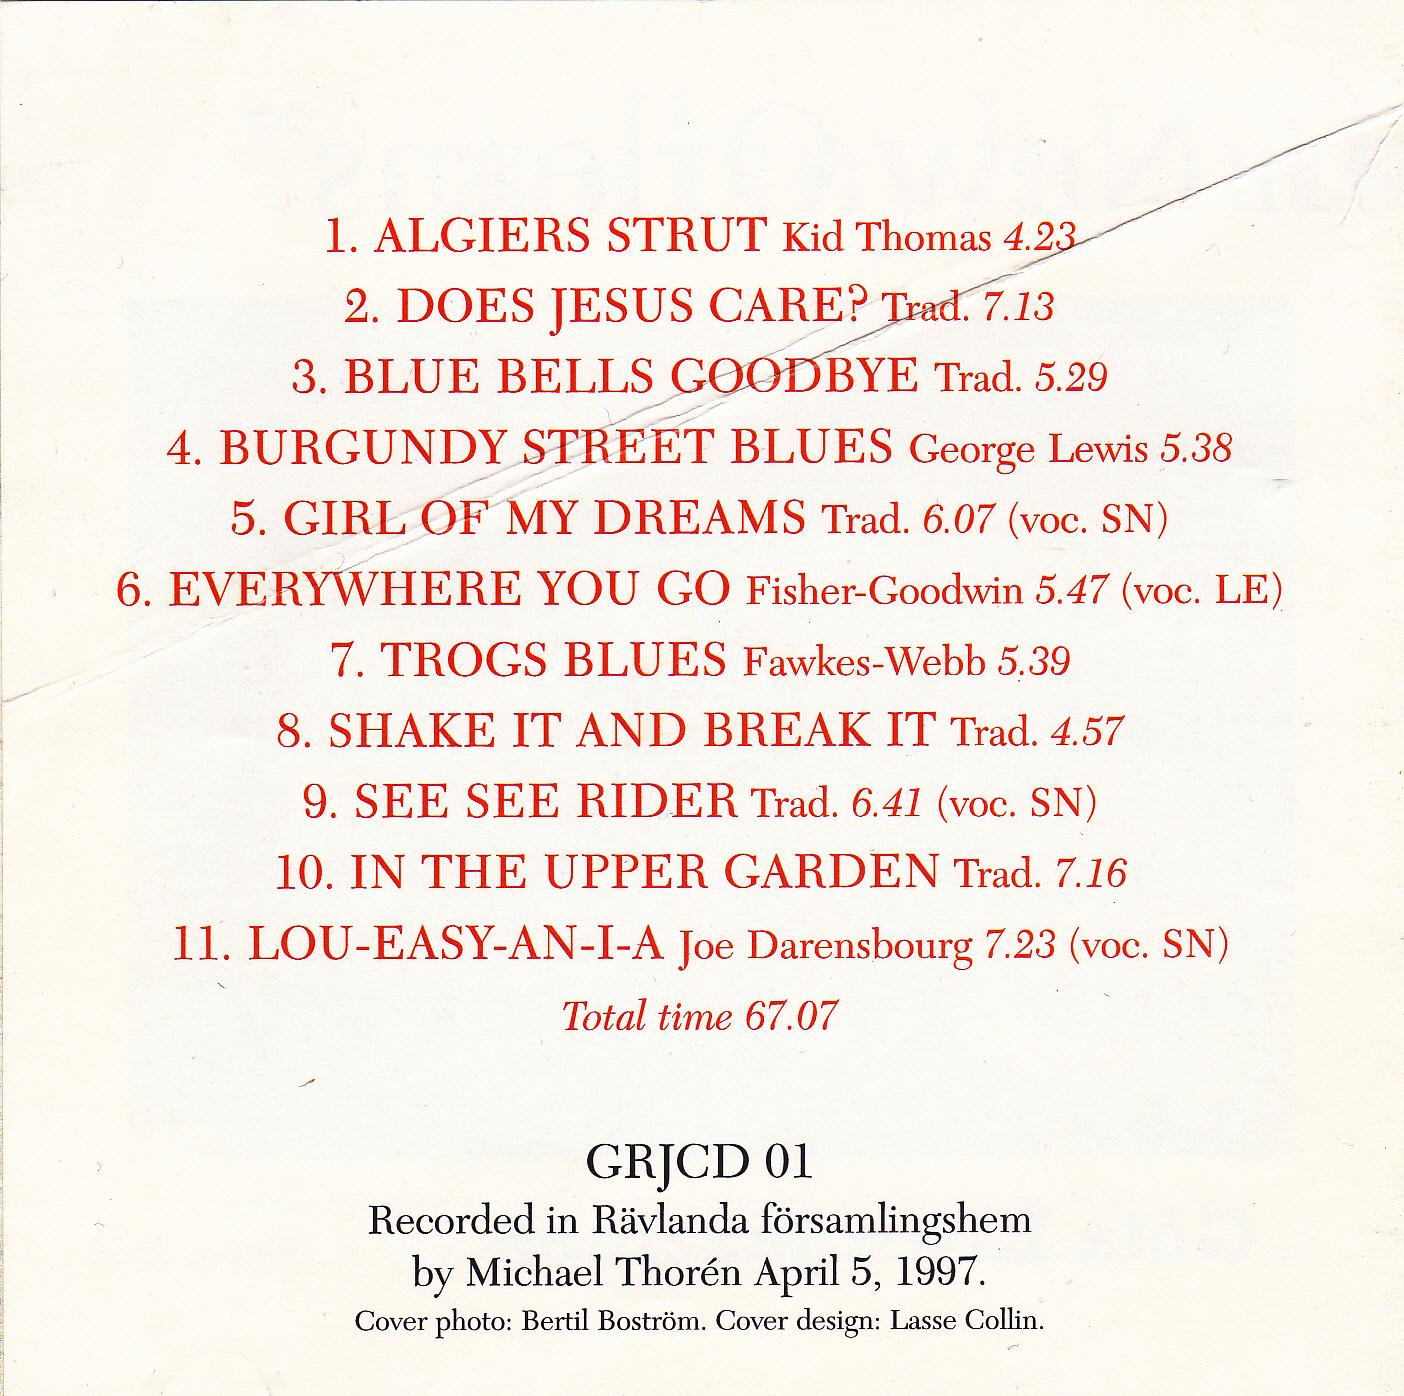 CD01 back